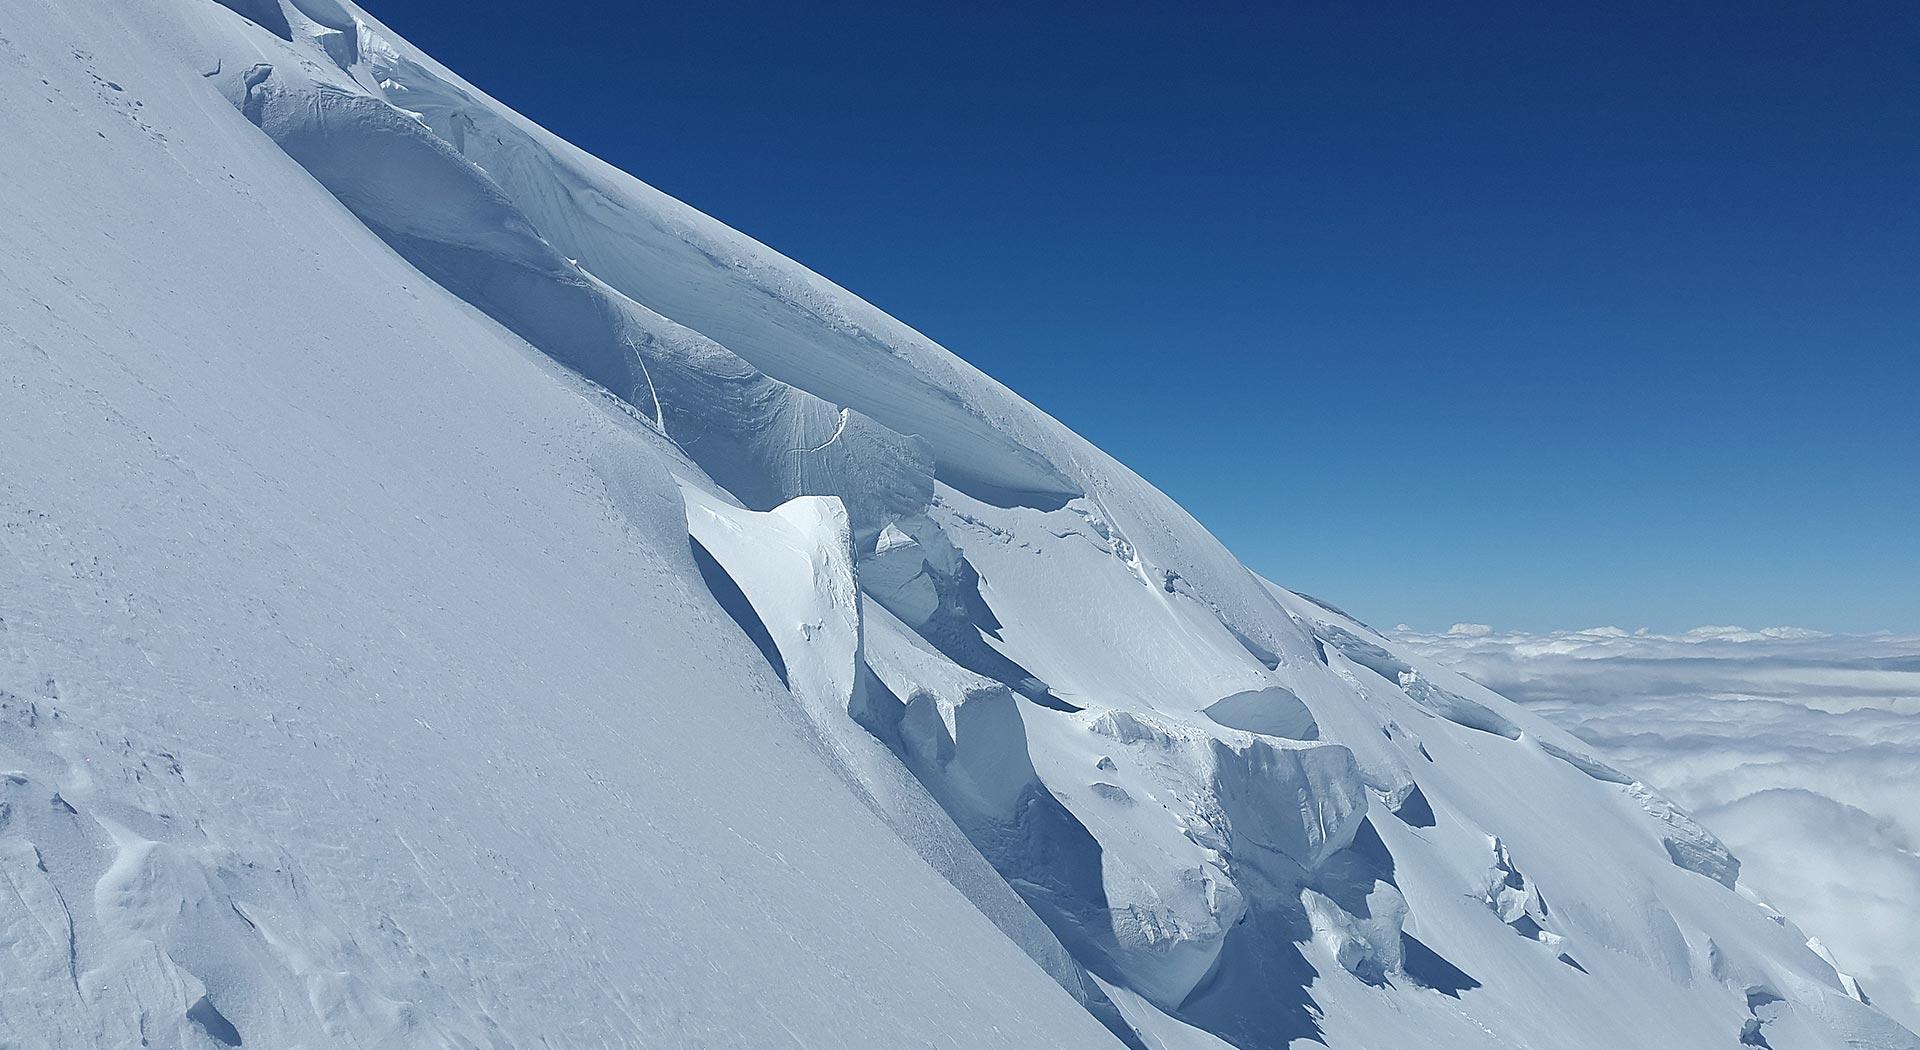 Monte Bianco dal rifugio Gonella - Xmountain Guide alpine